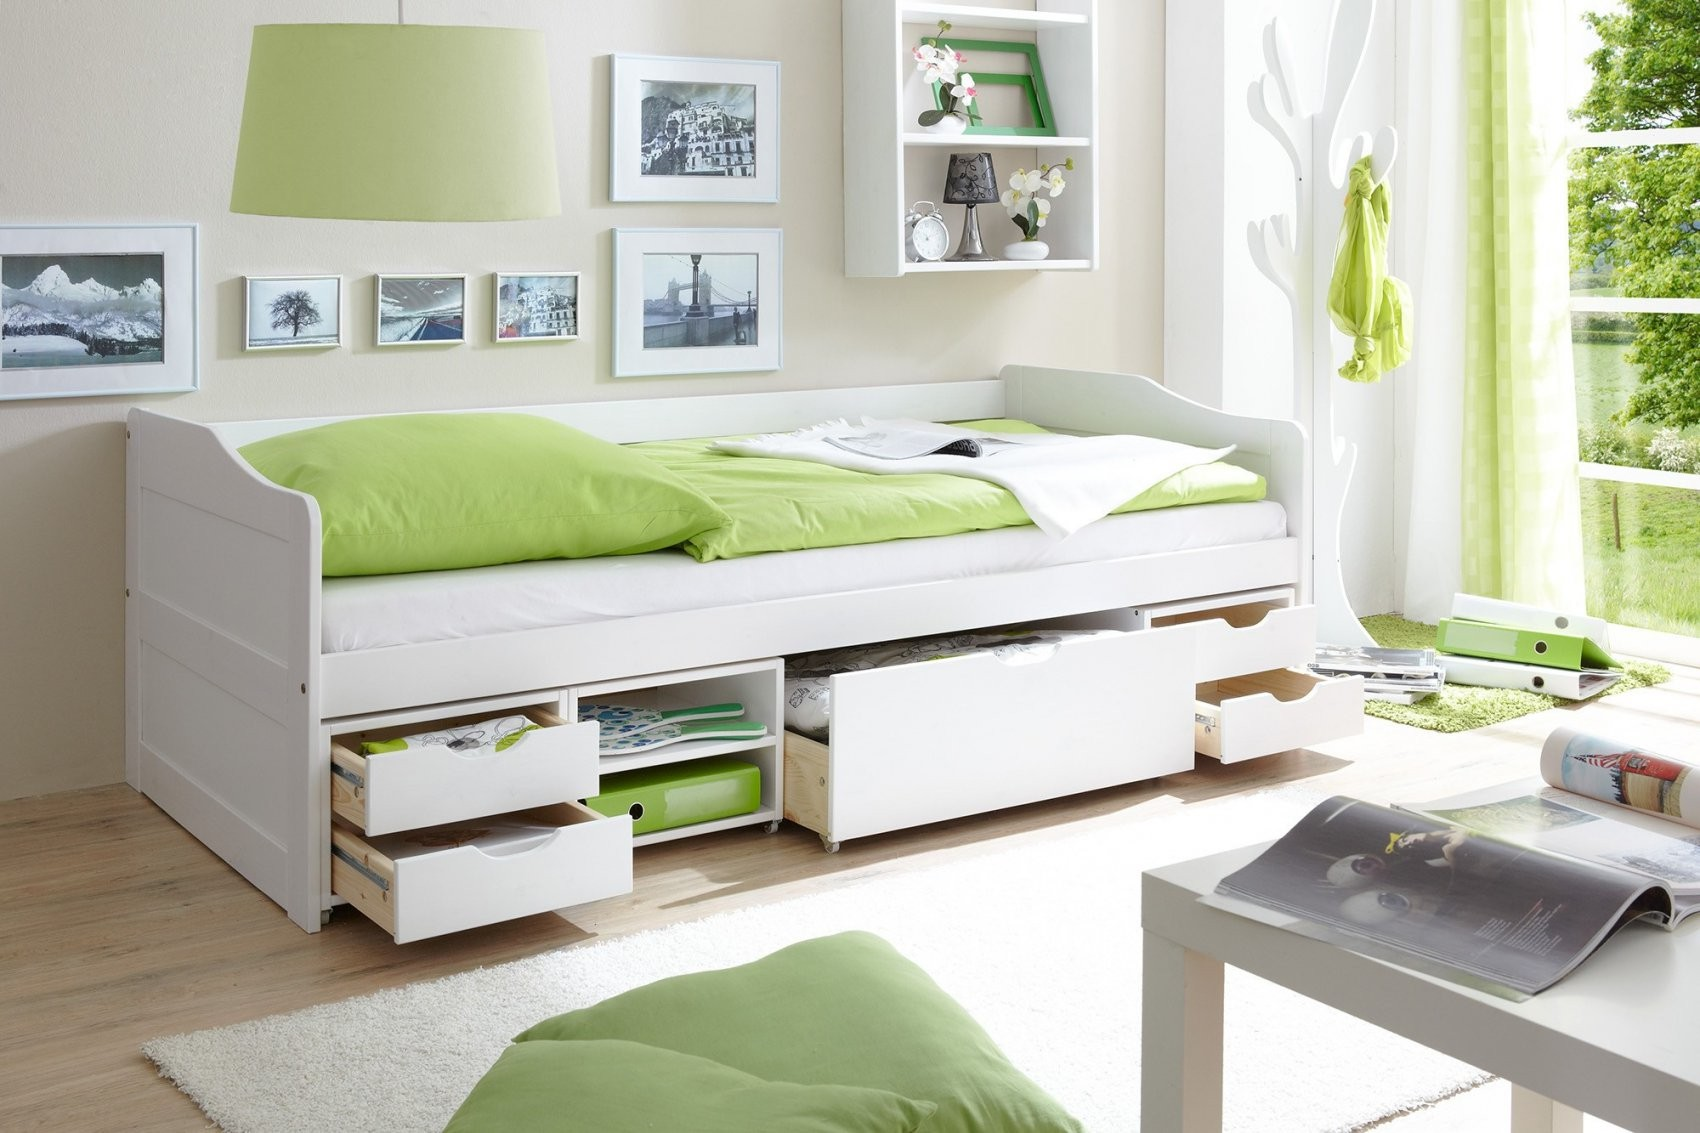 Jugendbett Mit Bettkasten  Schubladen Günstig Online Kaufen  Real von Bett Weiß 90X200 Mit Schubladen Bild